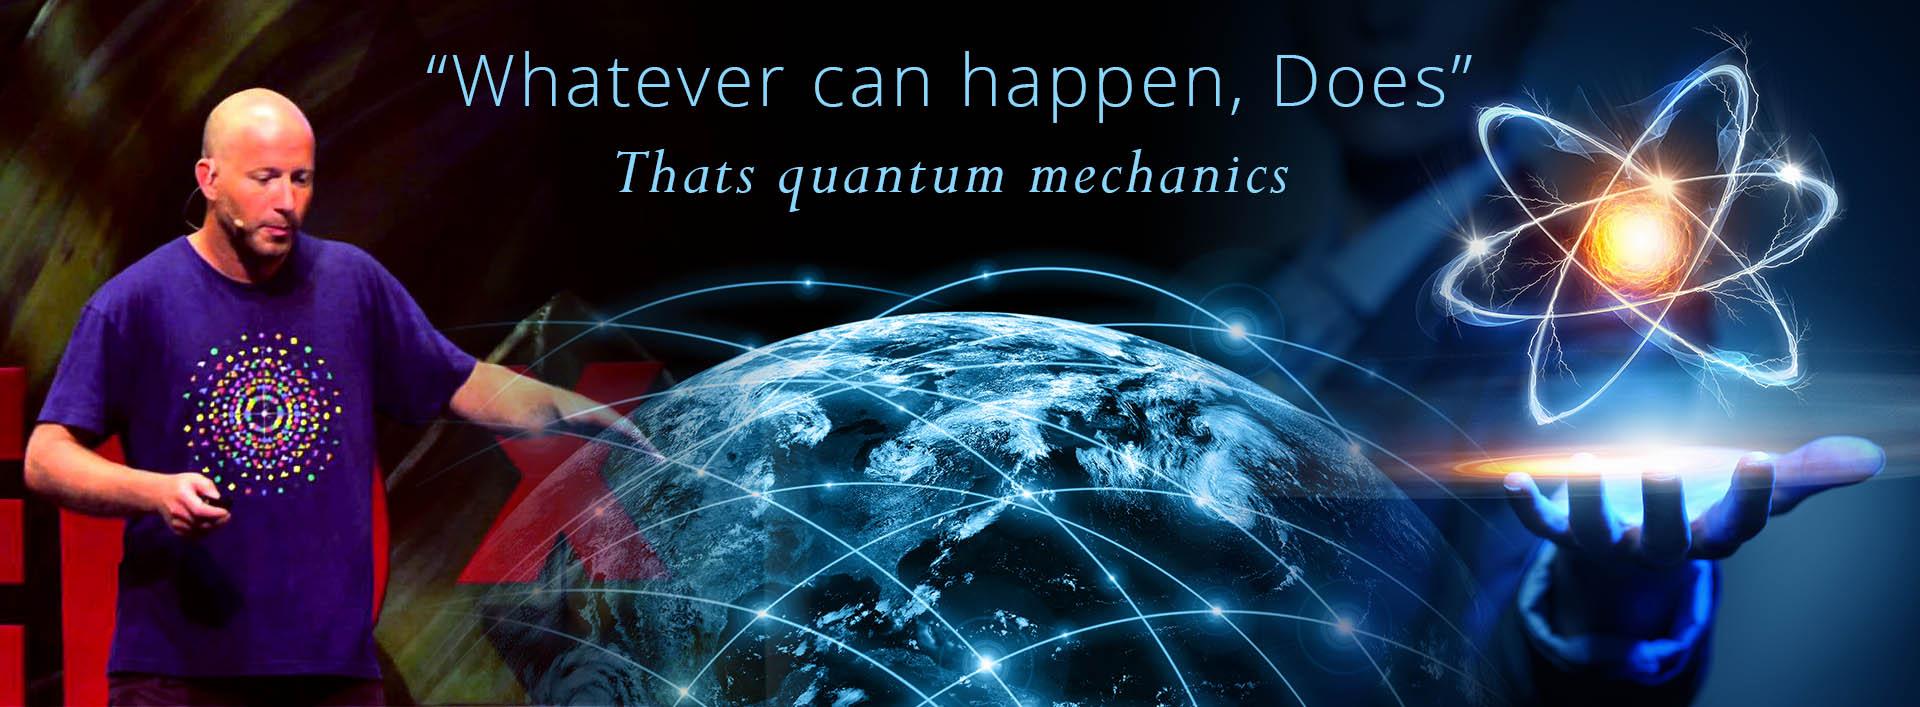 the_quantum_mechanics